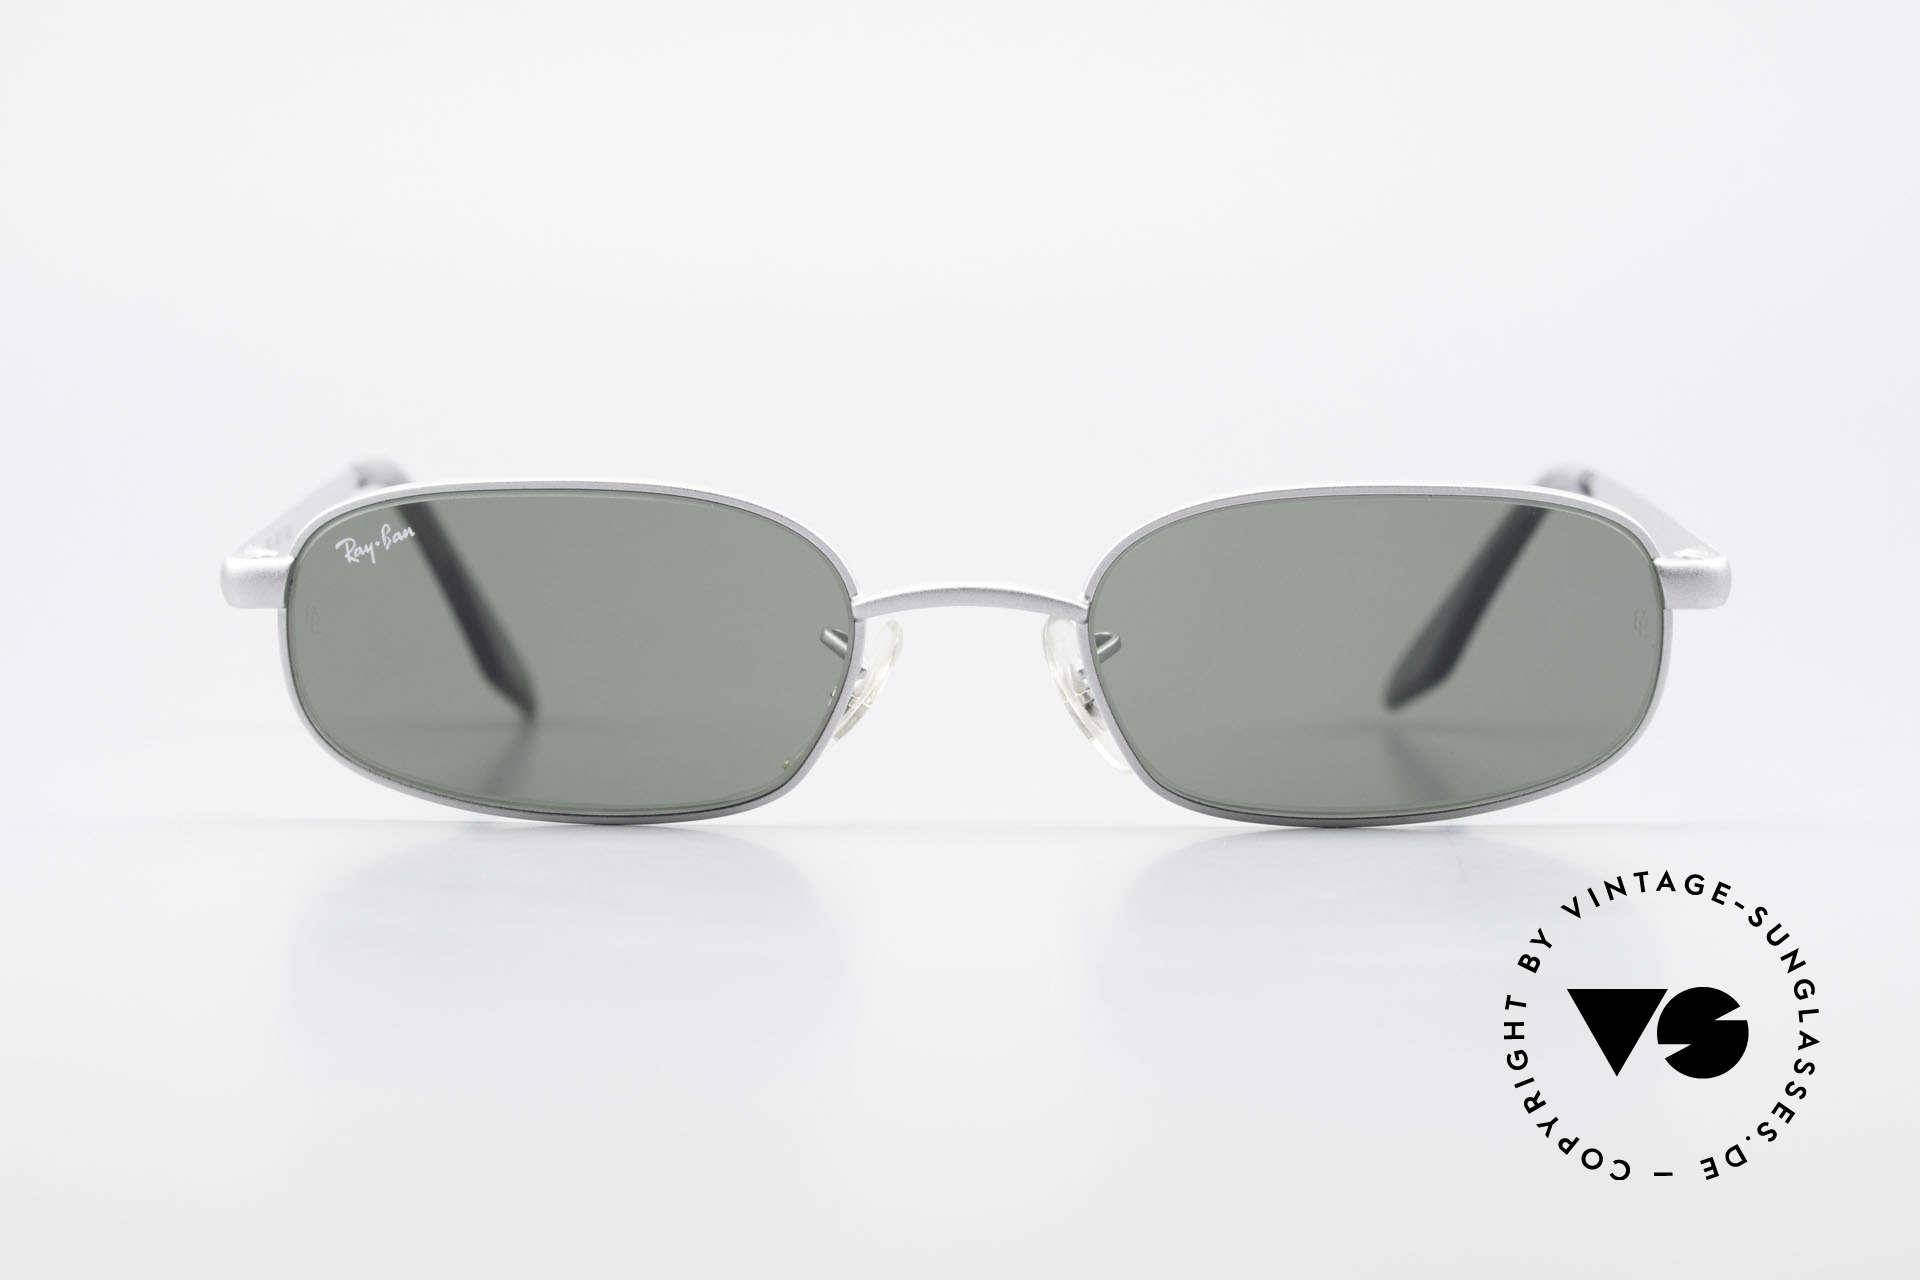 Ray Ban Sidestreet Sidewalk Rectangle Ray-Ban USA Brille, eines der letzten Modelle noch von Bausch&Lomb, USA, Passend für Herren